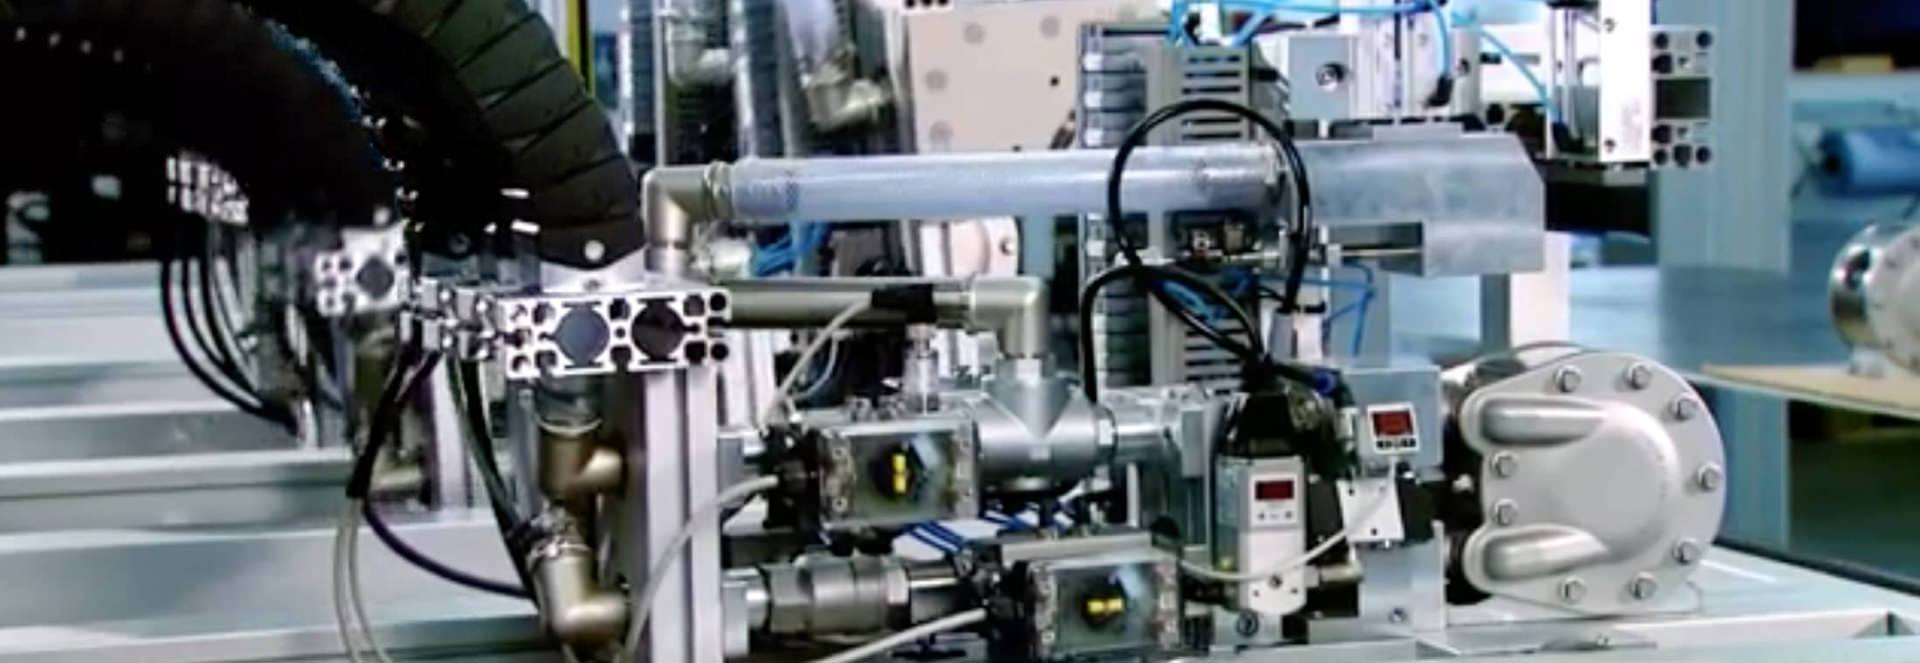 油圧・空圧機器のイメージ画像